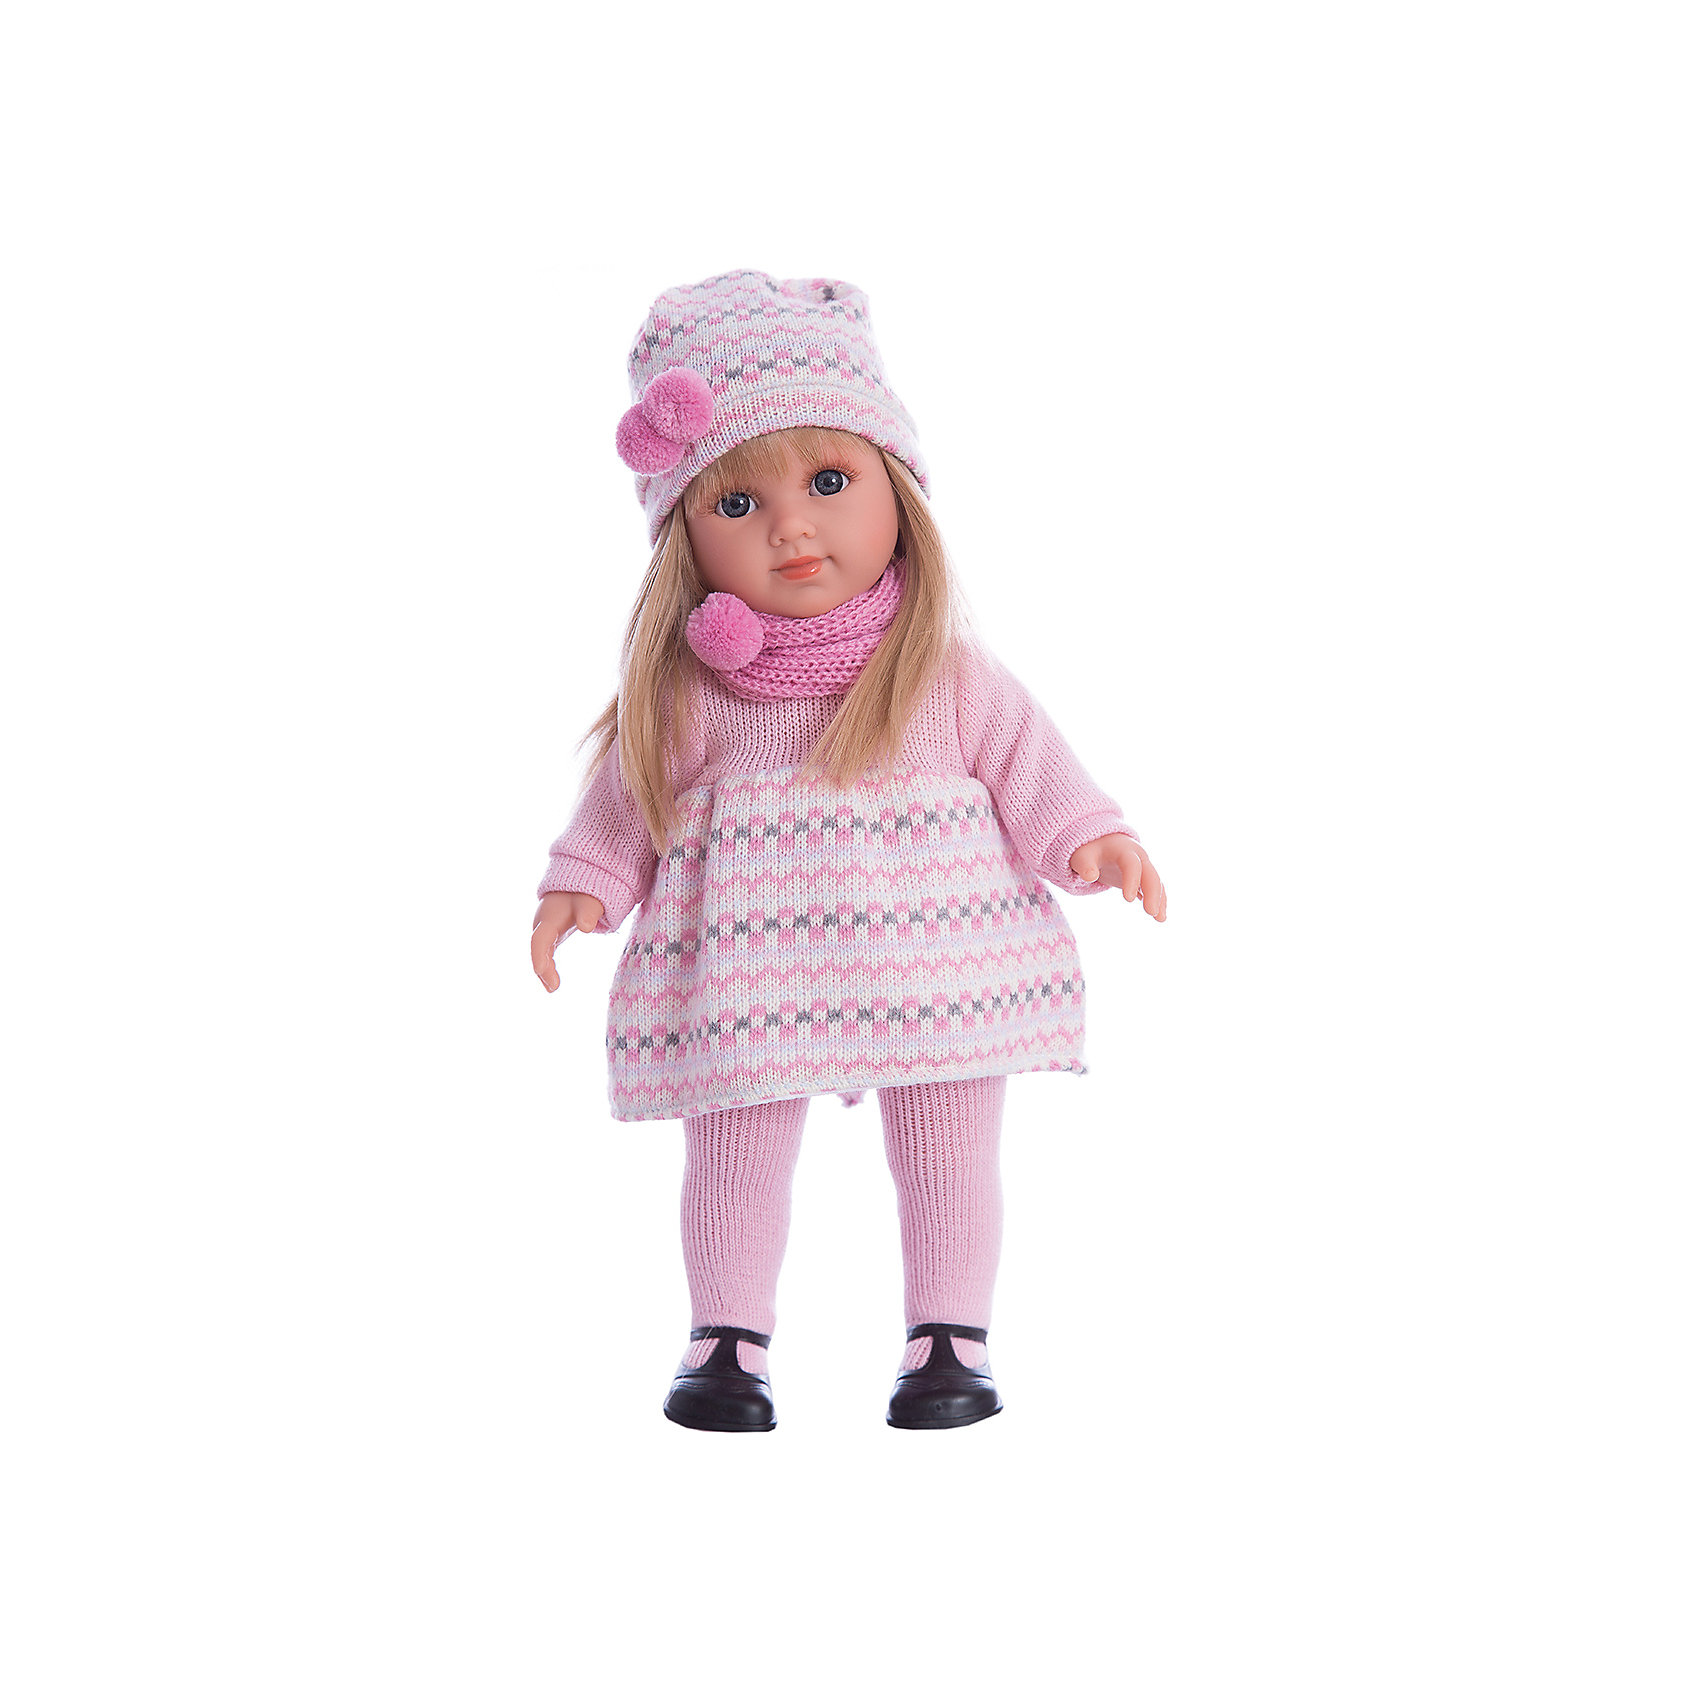 Кукла Елена, 35 см, LlorensБренды кукол<br>Характеристики товара:<br><br>- цвет: разноцветный;<br>- материал: винил, текстиль;<br>- мягконабивное тело, пластиковые руки, ноги, голова;<br>- комплектация: кукла, одежда, красивая коробка;<br>- размер куклы: 35 см.<br><br>Эти симпатичные куклы от известного испанского бренда не оставят девочку равнодушной! Какая девочка сможет отказаться поиграть с куклой, которая выглядит и ведет себя почти как настоящий ребенок?! Игрушка отлично детализирована, очень качественно выполнена, поэтому она станет замечательным подарком ребенку. <br>Кукла красиво одета, у неё шелковистые волосы, которые можно расчесывать. Продается она в красивой подарочной коробке. Изделие произведено из высококачественного материала, безопасного для детей.<br><br>Куклу Елена, 35 см, от бренда Llorens можно купить в нашем интернет-магазине.<br><br>Ширина мм: 22<br>Глубина мм: 43<br>Высота мм: 10<br>Вес г: 950<br>Возраст от месяцев: 36<br>Возраст до месяцев: 84<br>Пол: Женский<br>Возраст: Детский<br>SKU: 5086943